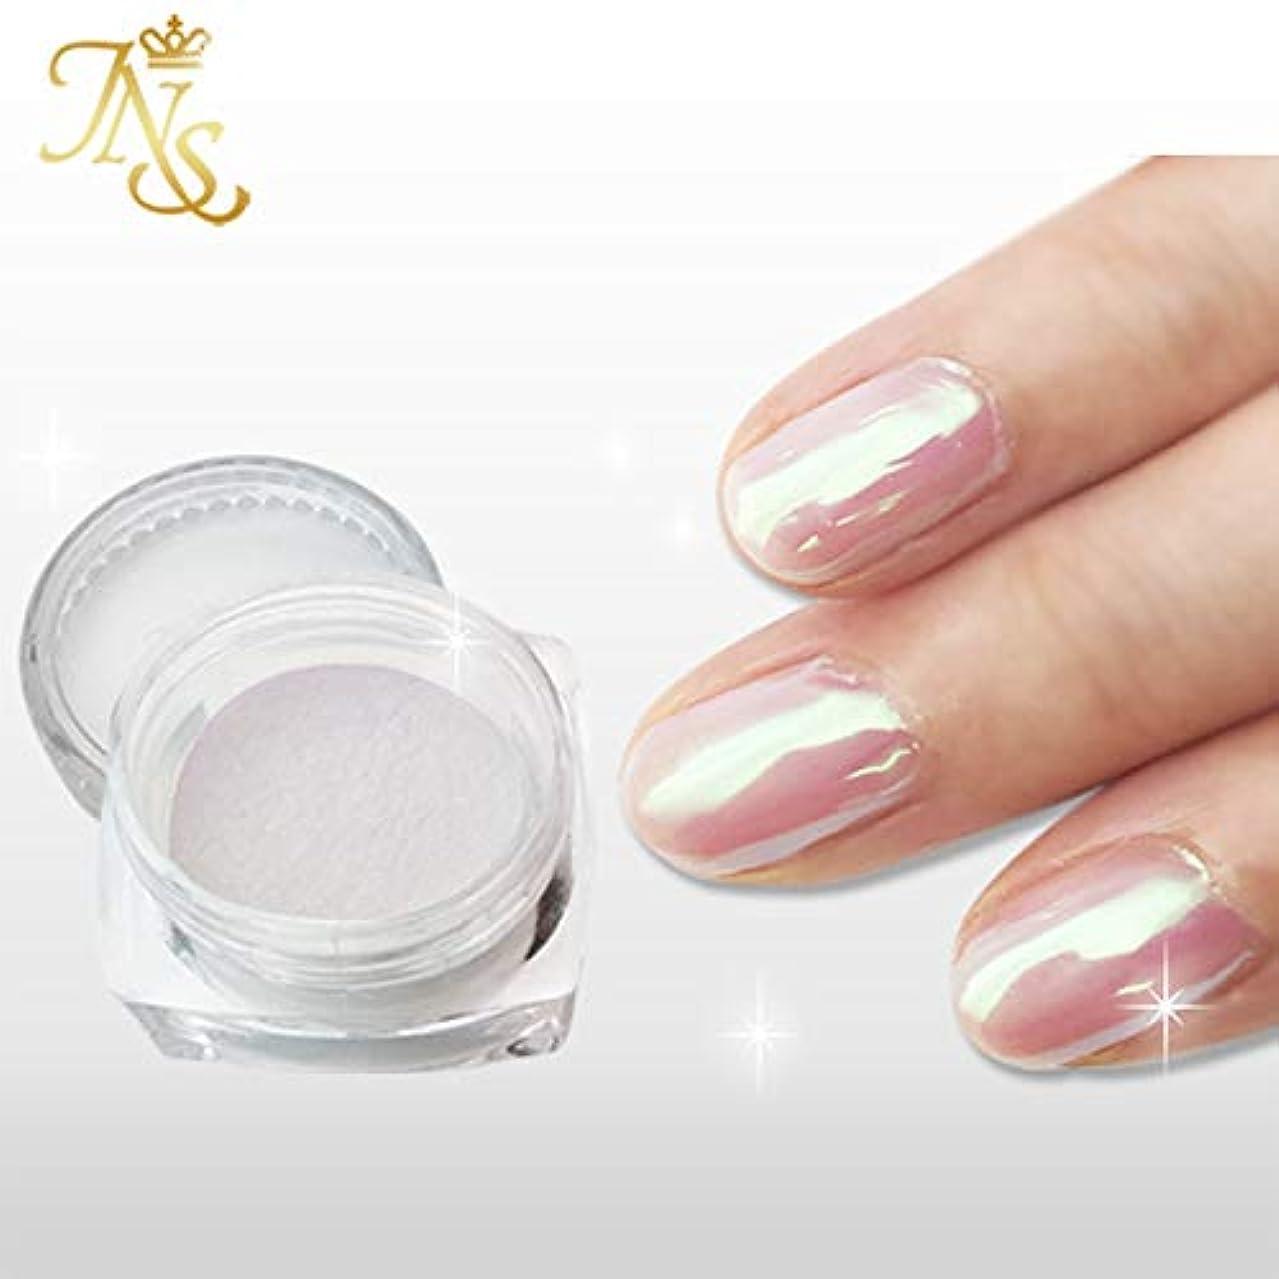 ジャパンネイル オーロラシェルパウダー ピンク真珠